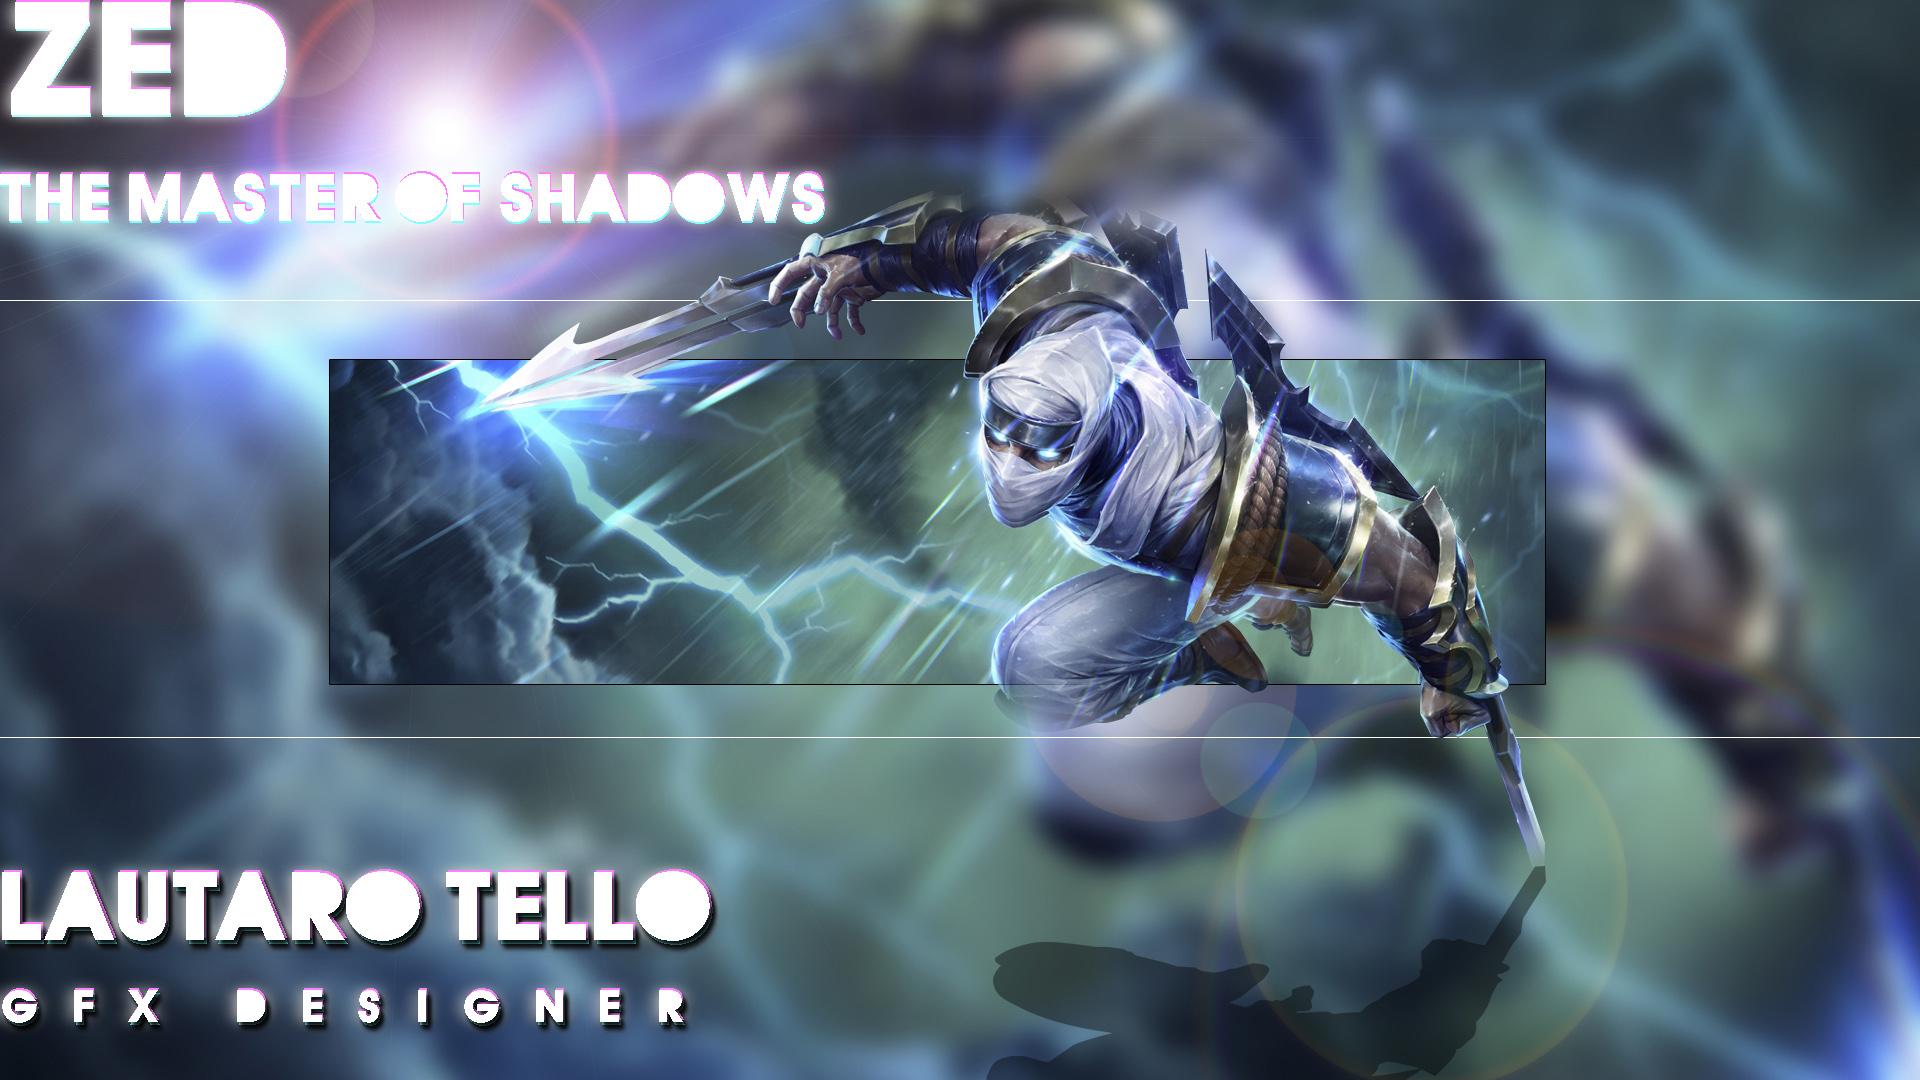 Shockblade Zed By Lautarot12 Hd Wallpaper Fan Art Artwork - League Of Legends , HD Wallpaper & Backgrounds